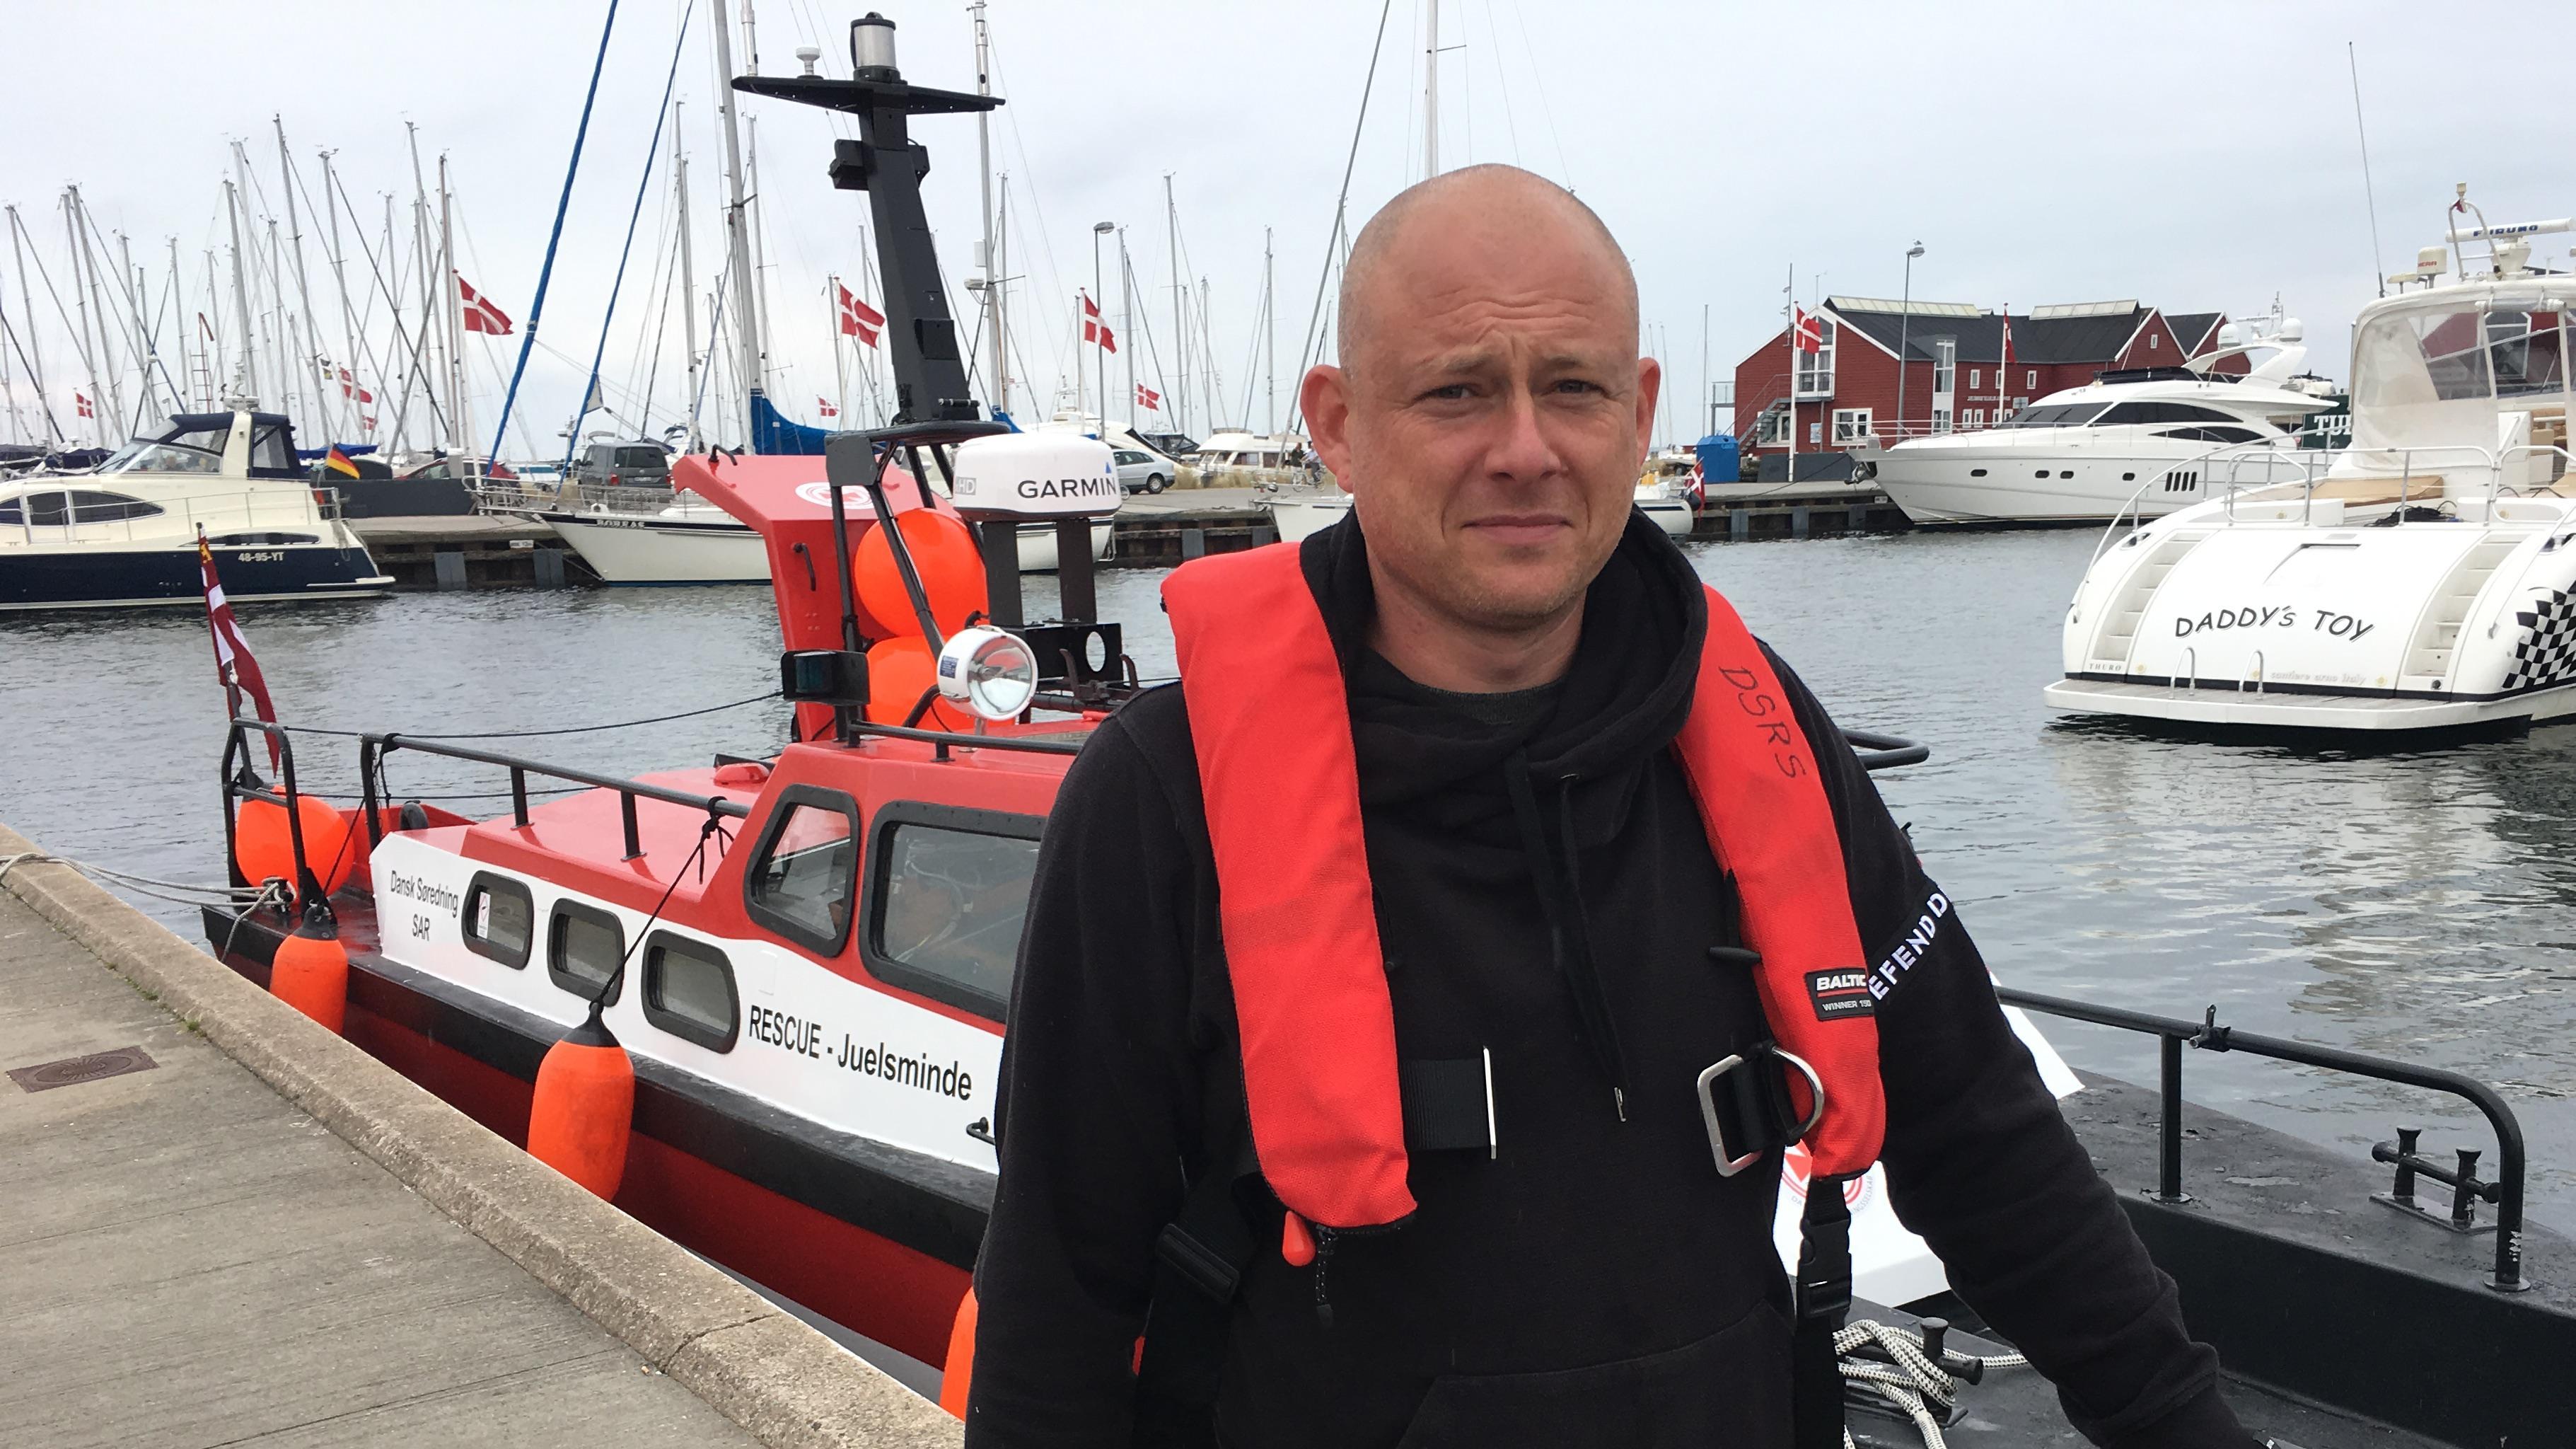 Thomas Strøbech, Juelsminde, frivillig, Dansk Søredningsselskab